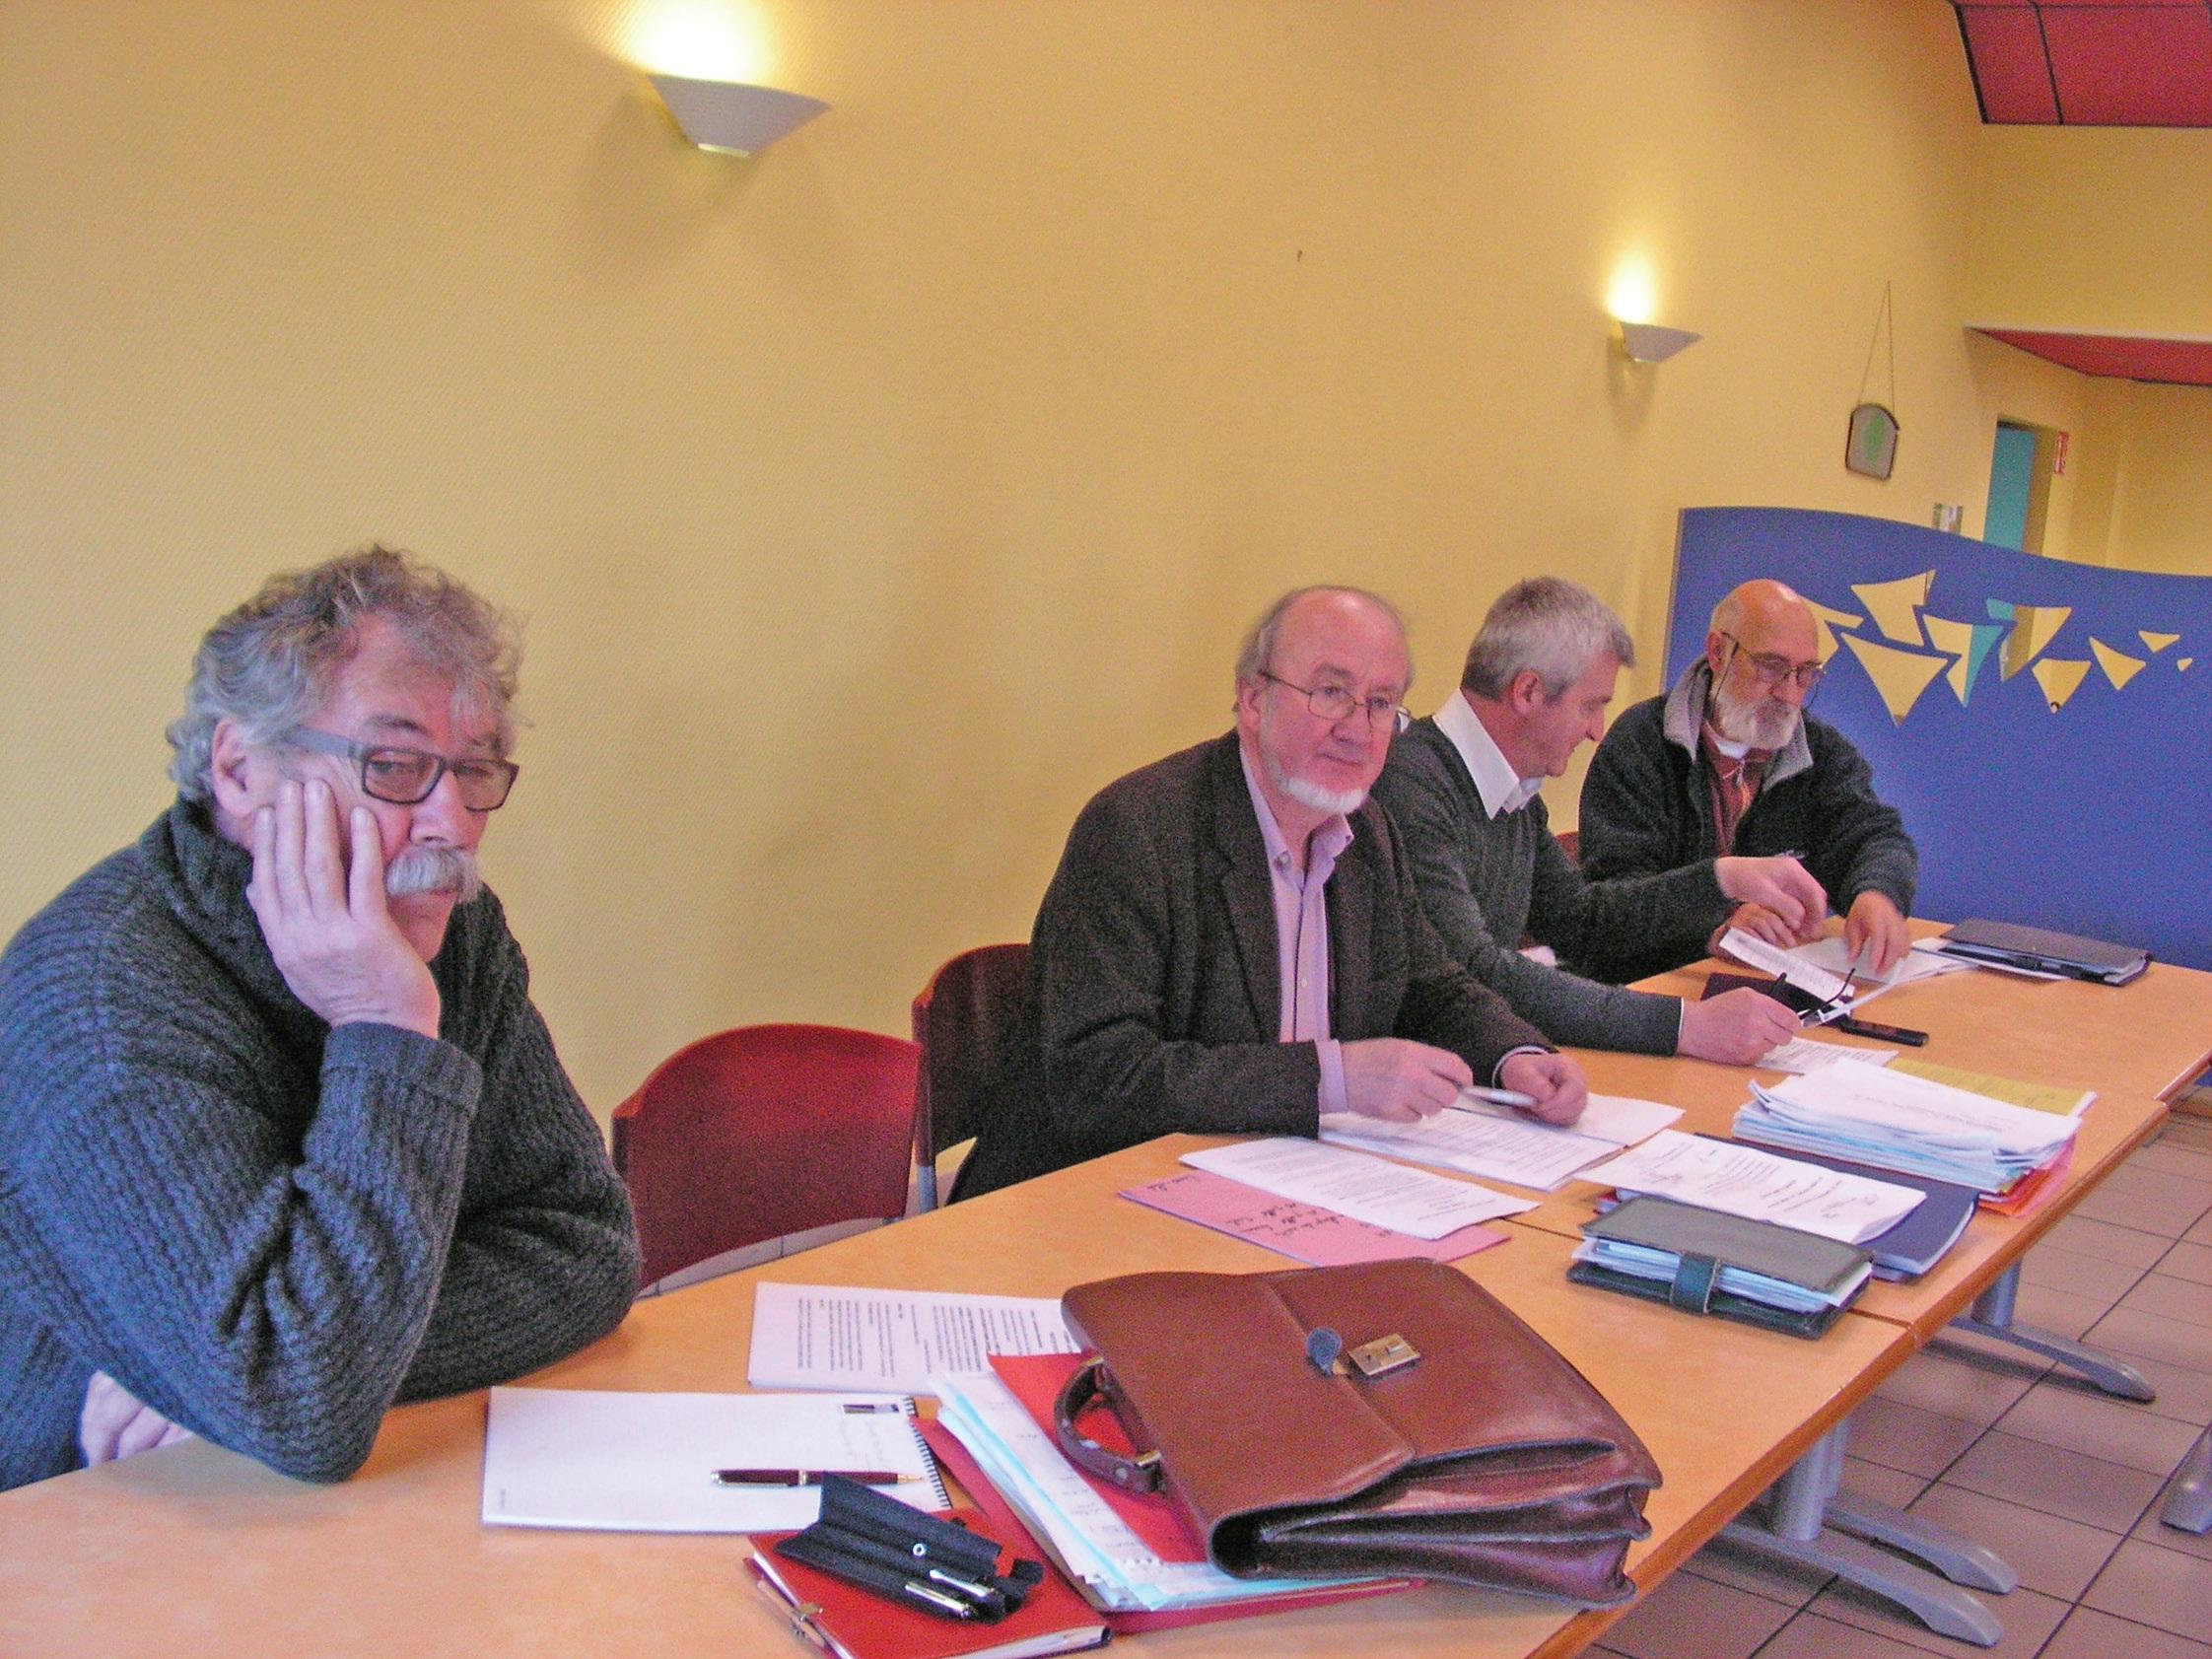 De gauche à droite, quatre des représentants de l'ESS de l'arrondissement d'Avesnes faisant partie du conseil local : Henri Deshayes, Marc Goujard, Patrick Bataille et Claude Cochard. C'était lors d'une réunion, mi-avril, à Aulnoye-Aymeries dans les locaux des Papillons blancs.